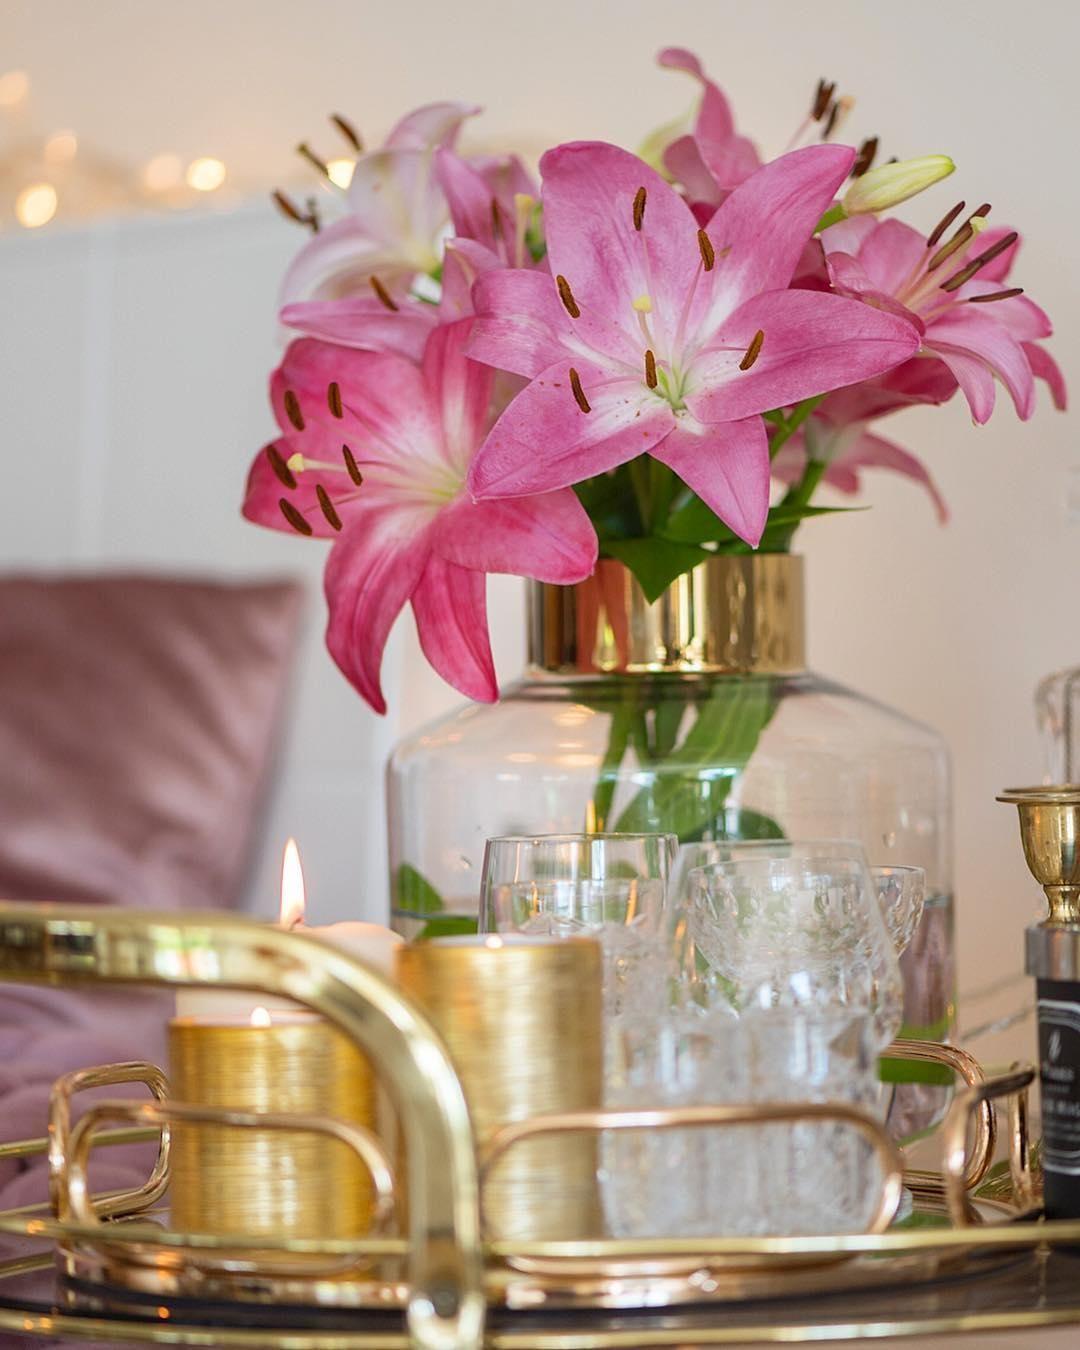 Dieses Barwagen Styling Ist Einfach Nur Elegant! Kerzenschein, Frische  Blumen,